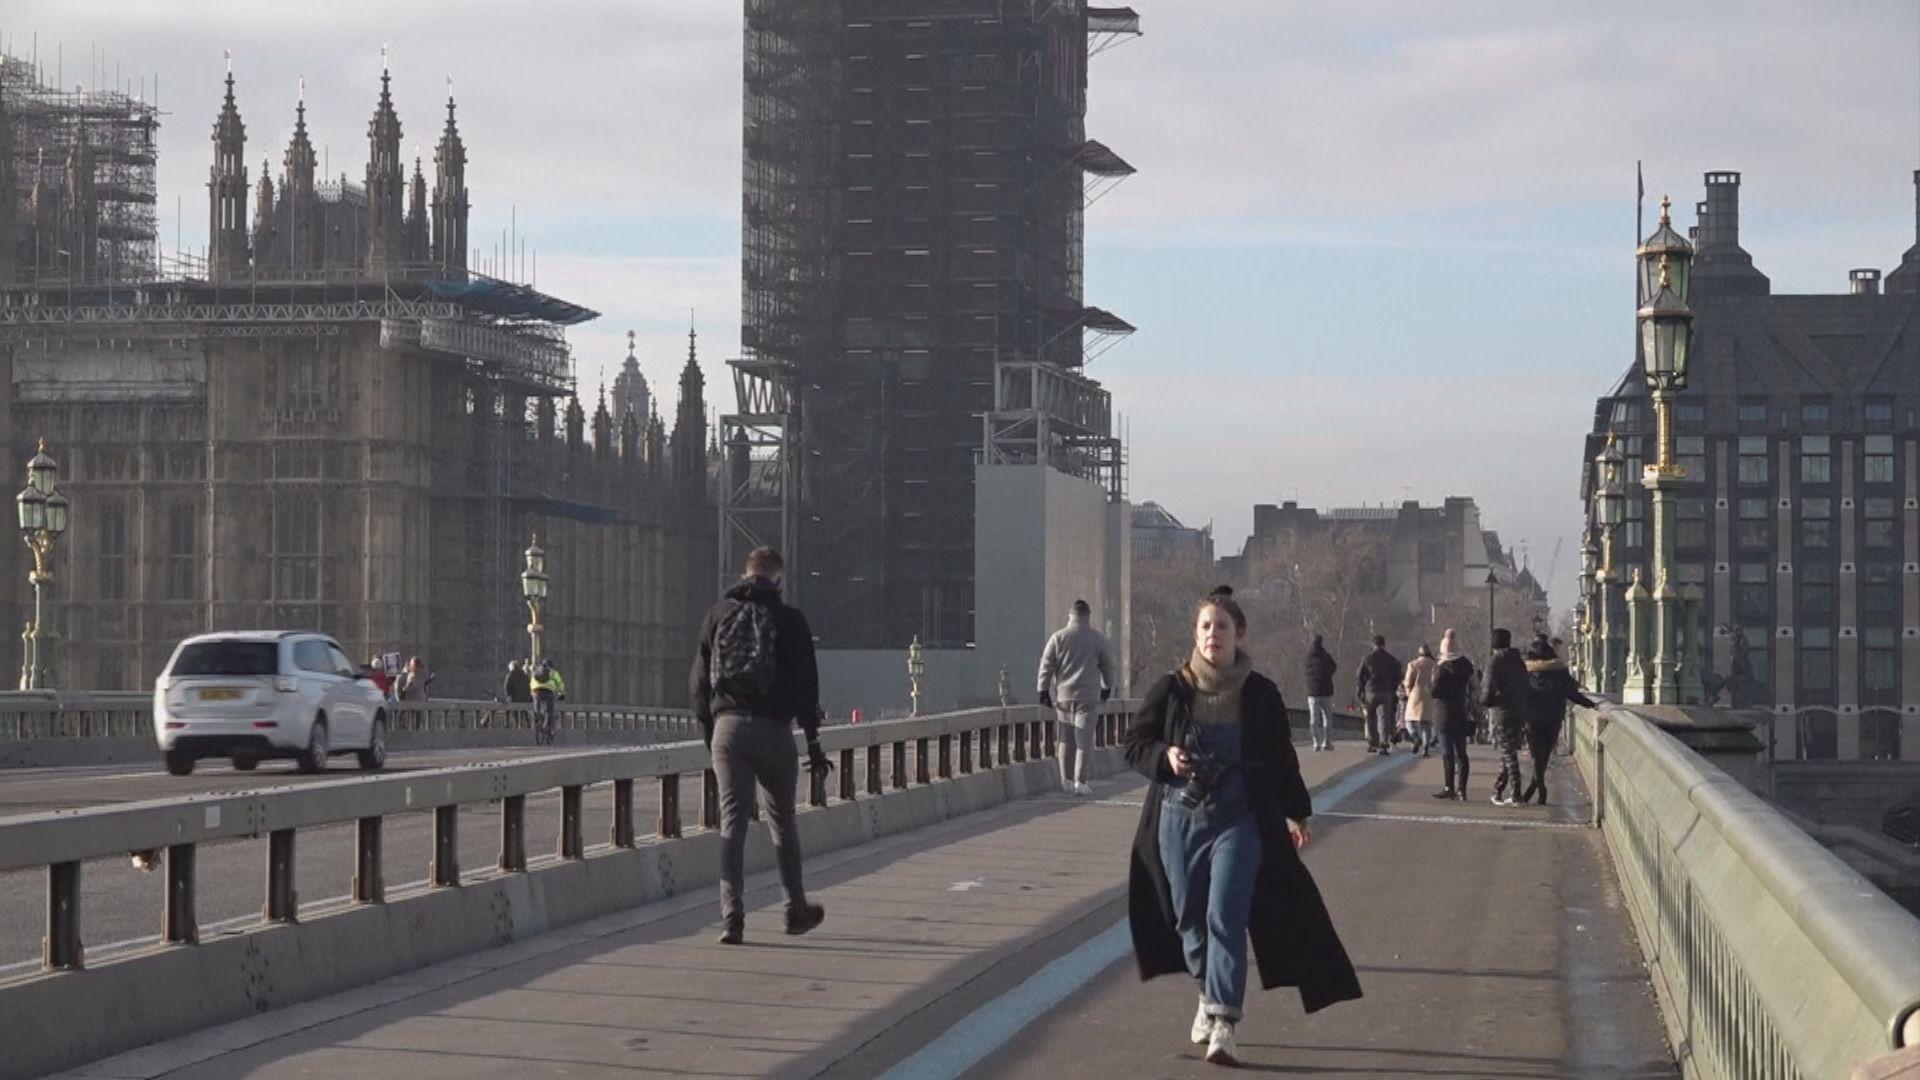 【疫情嚴峻】倫敦及附近地區周三實施最嚴格防疫限制 荷蘭再封城